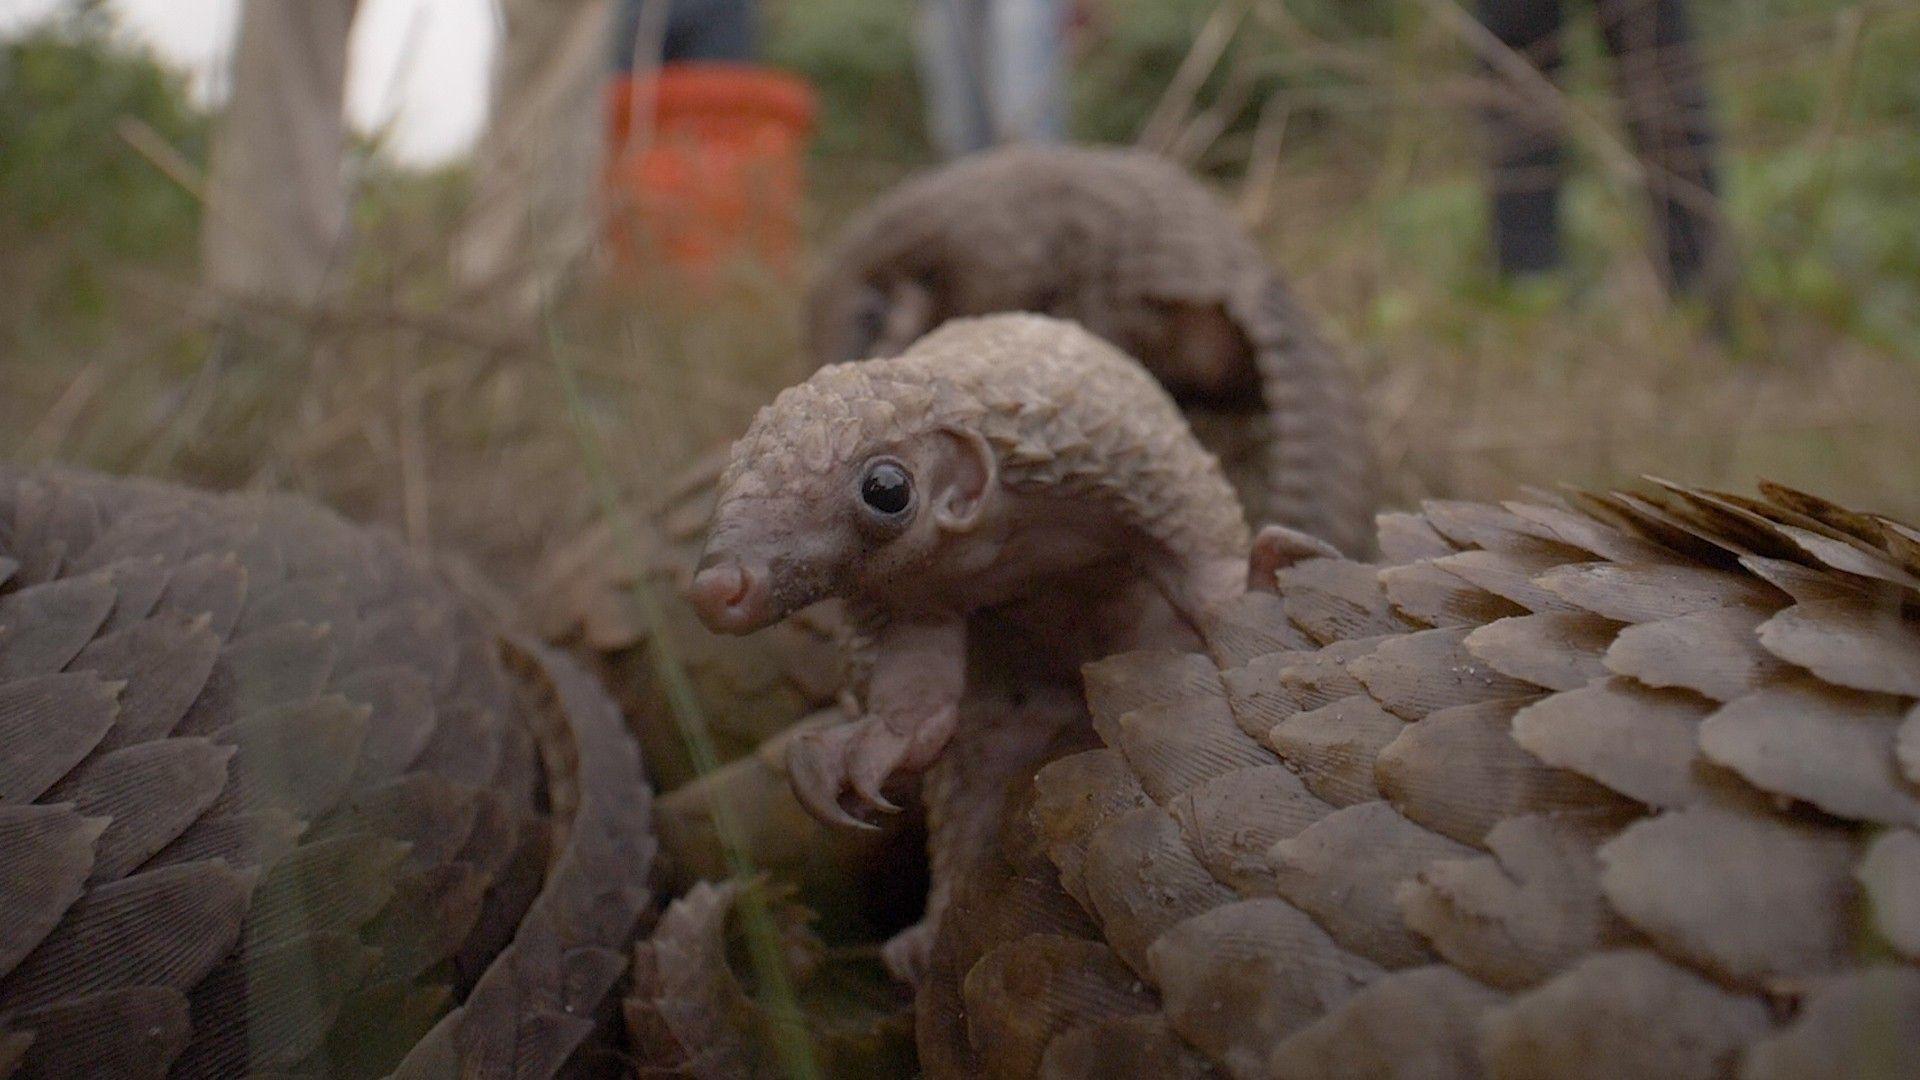 Reportage : le pangolin, mammifère le plus braconné au monde | National Geographic